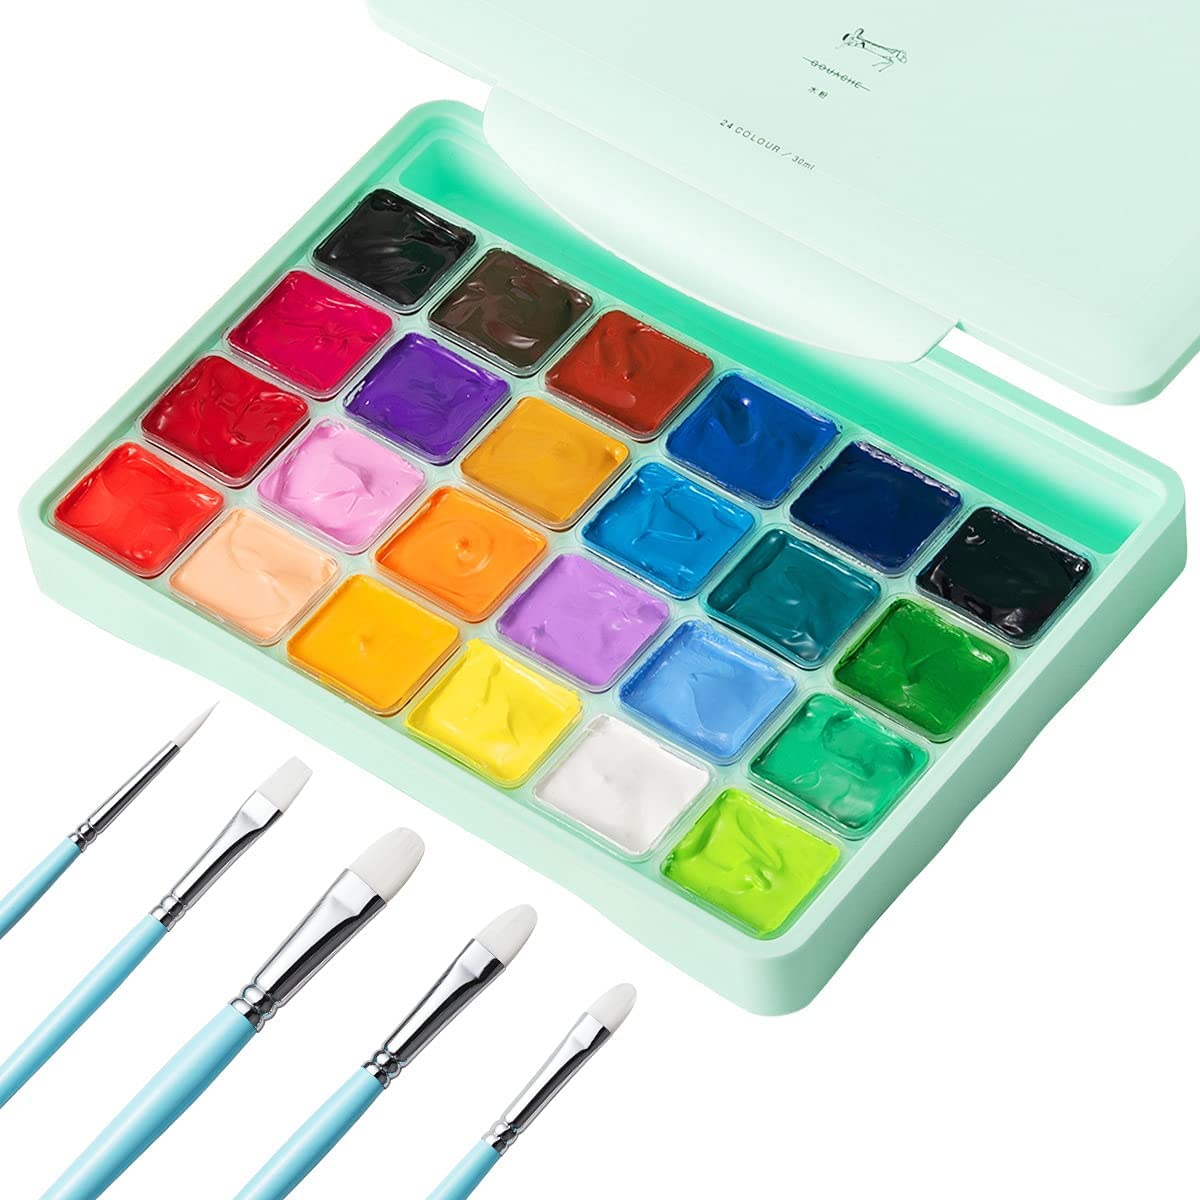 HIMI Juego de Pintura Gouache,24 Colores Jelly Cup Paint Set con 10 Pinceles Jelly Cup en Estuche de Transporte con Paleta Portátil, 24 Colores Vibrantes Para Artistas, Estudiantes (verde)